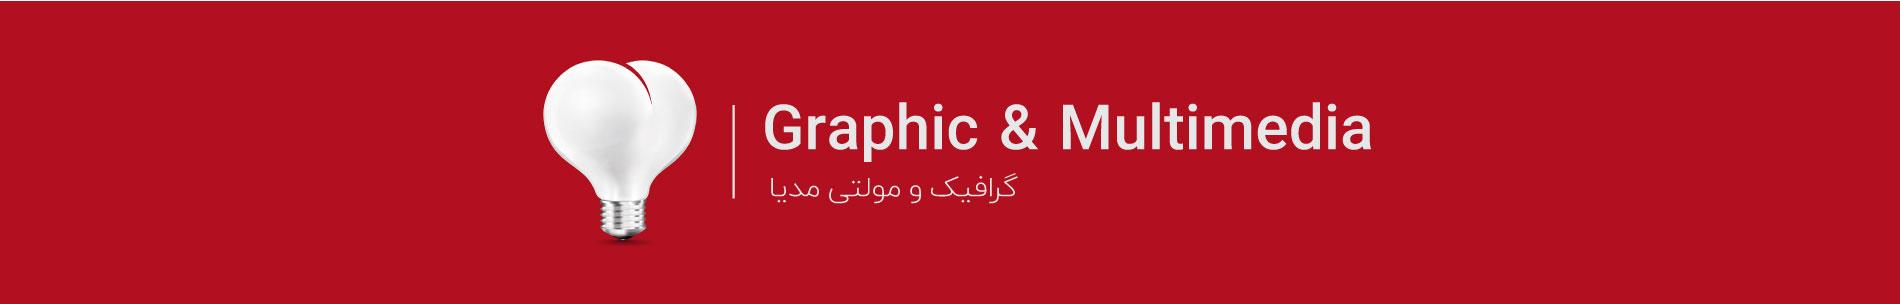 گرافیک و مولتی مدیا